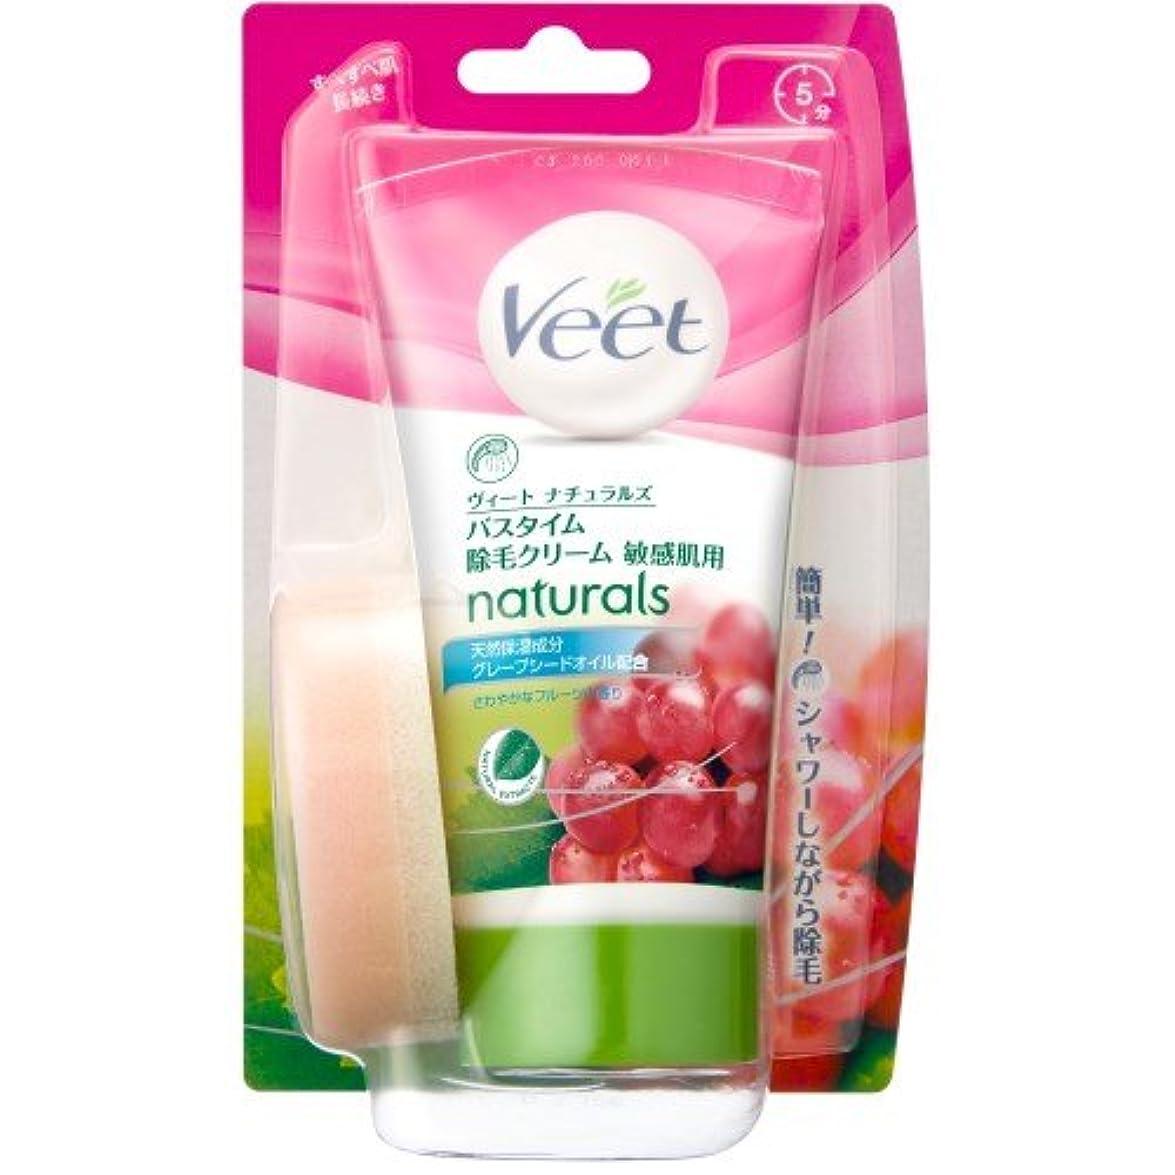 モンスター連鎖すなわちヴィート バスタイムセン用 除毛クリーム 敏感肌用 150g (Veet Naturals In Shower Hair Removal Cream  Sensitive 150g)